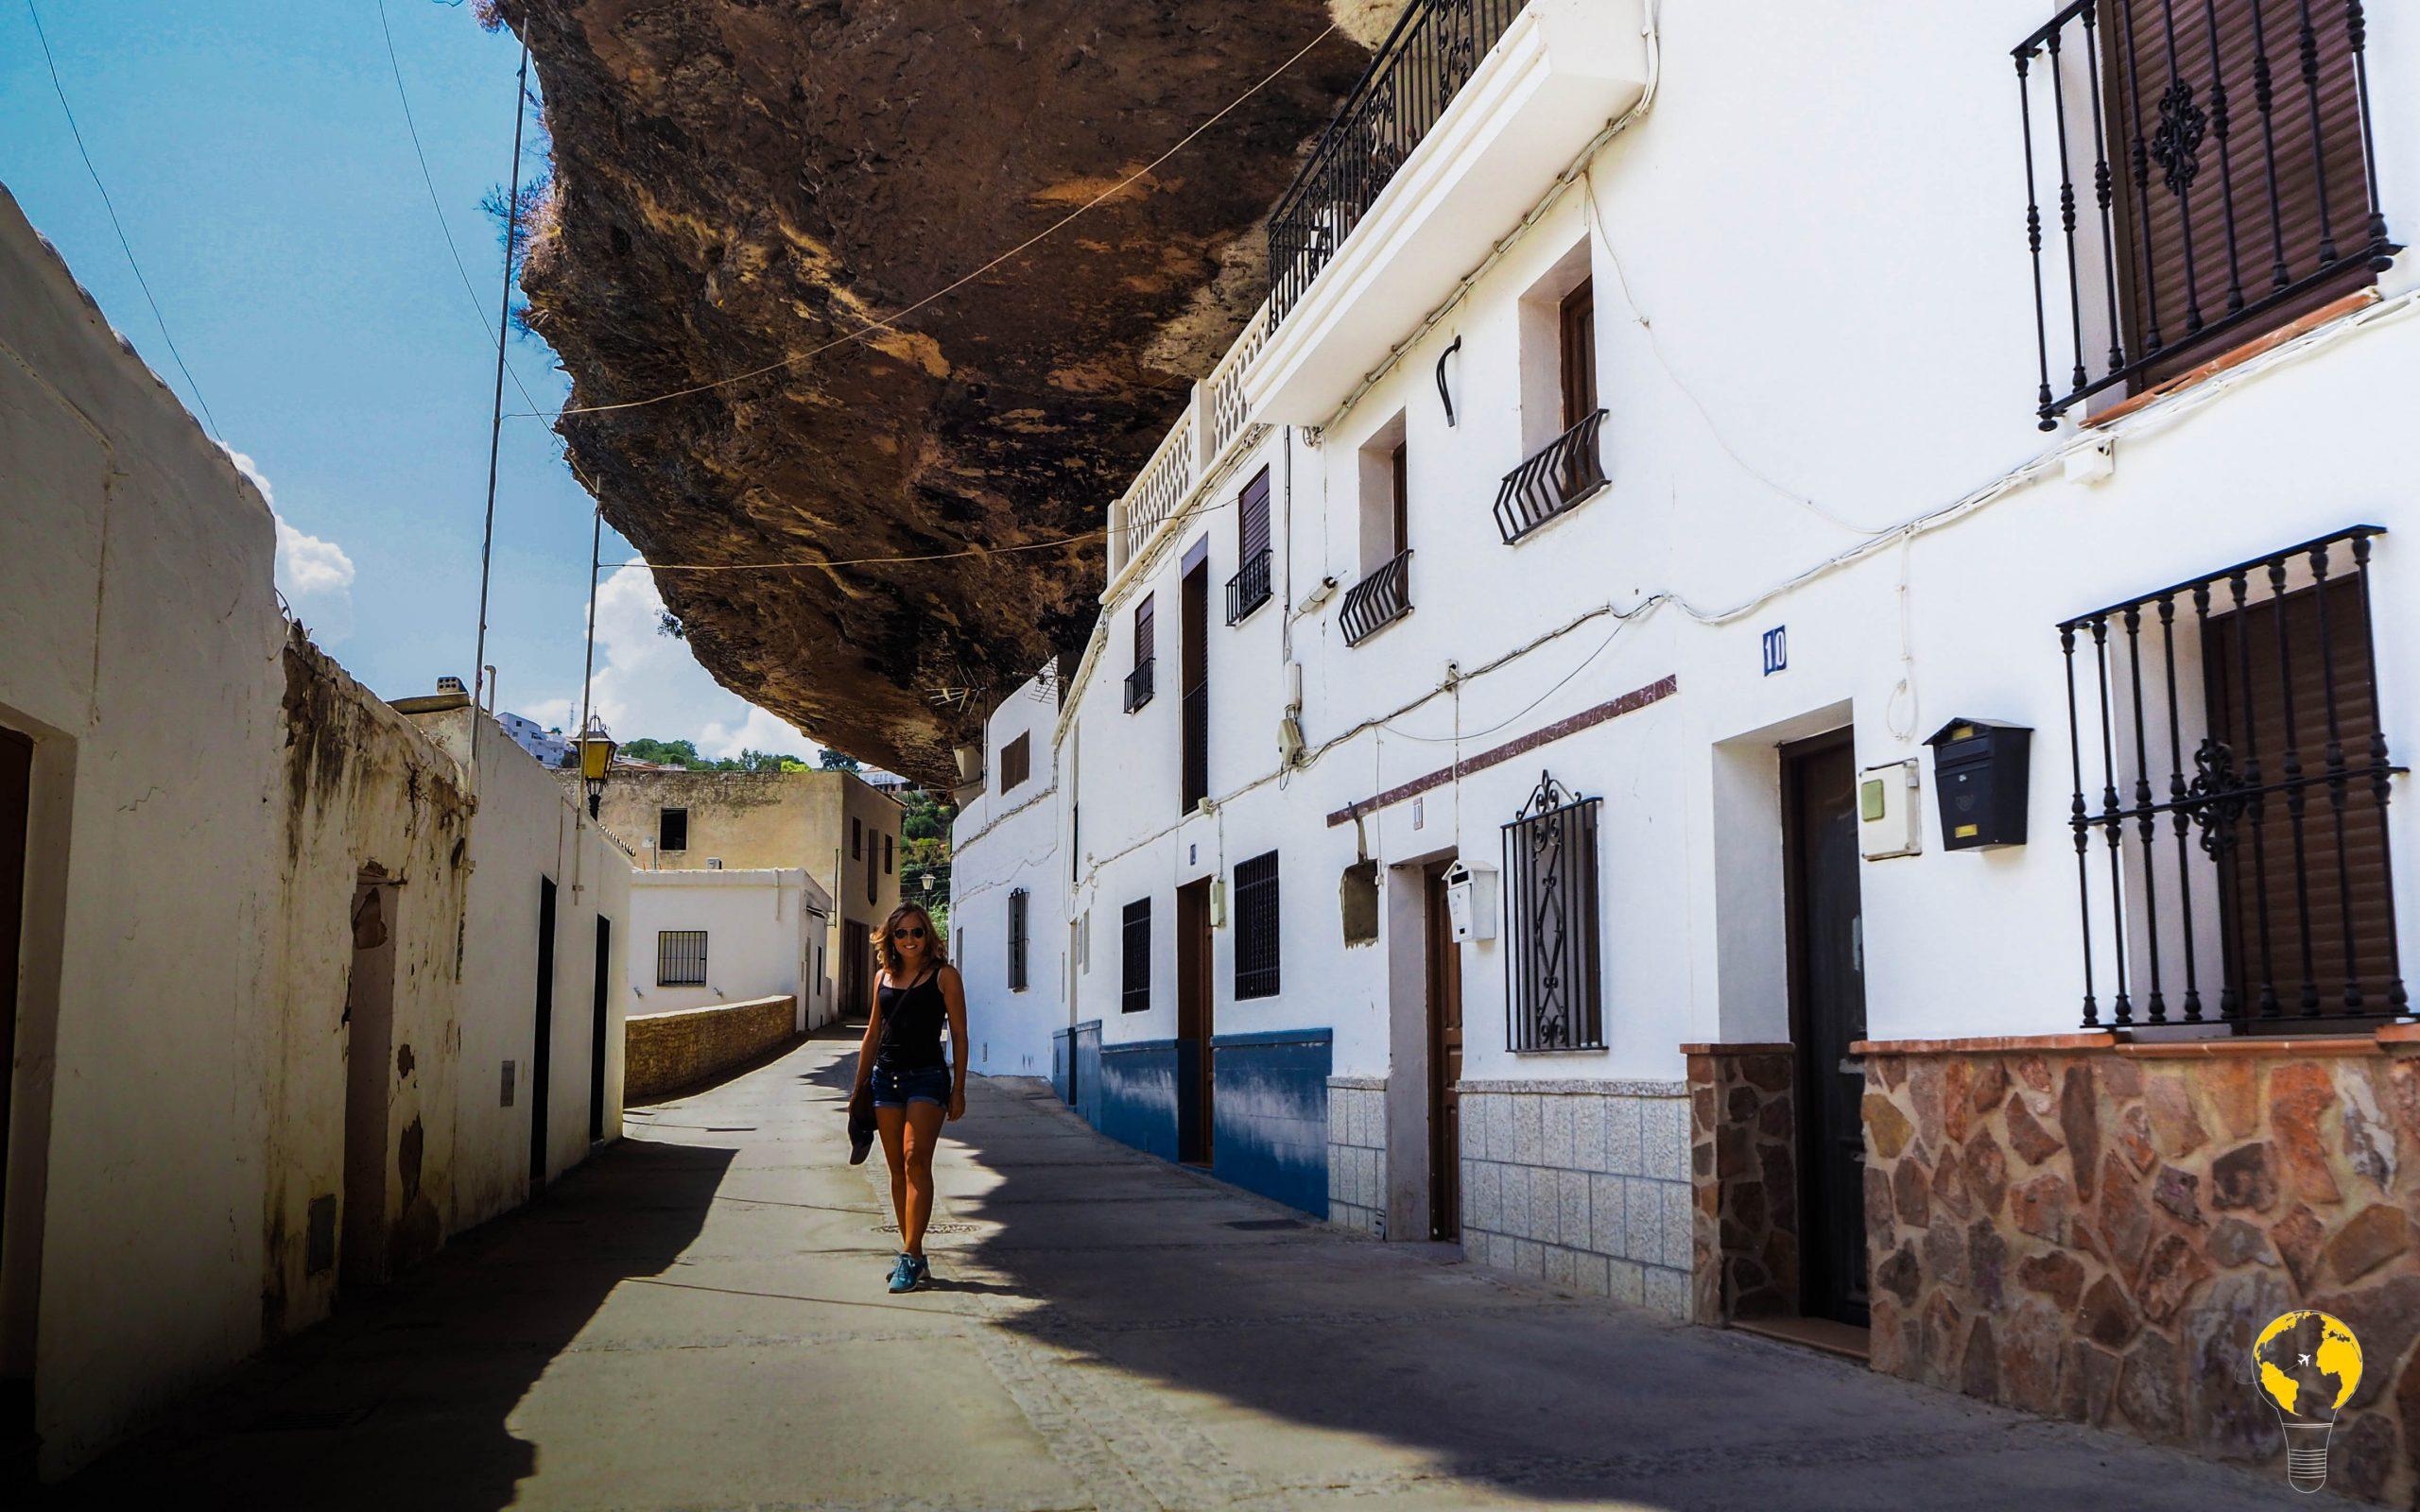 Setenil de las Bodegas, Calle Cuevas del Sol